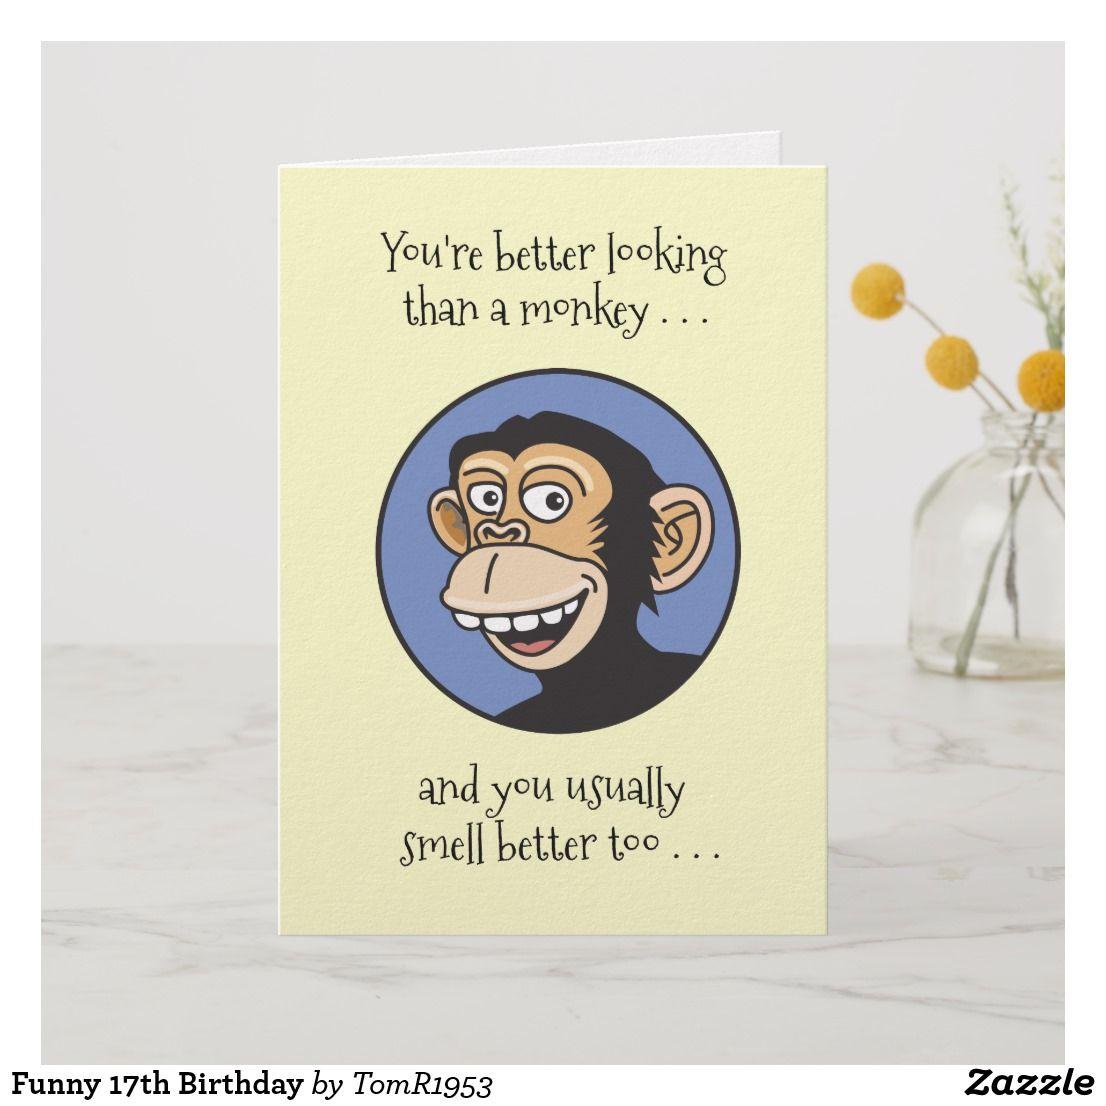 Funny Male 17th Birthday Card Zazzle Com In 2021 16th Birthday Card Funny Birthday Cards Birthday Cards For Boys